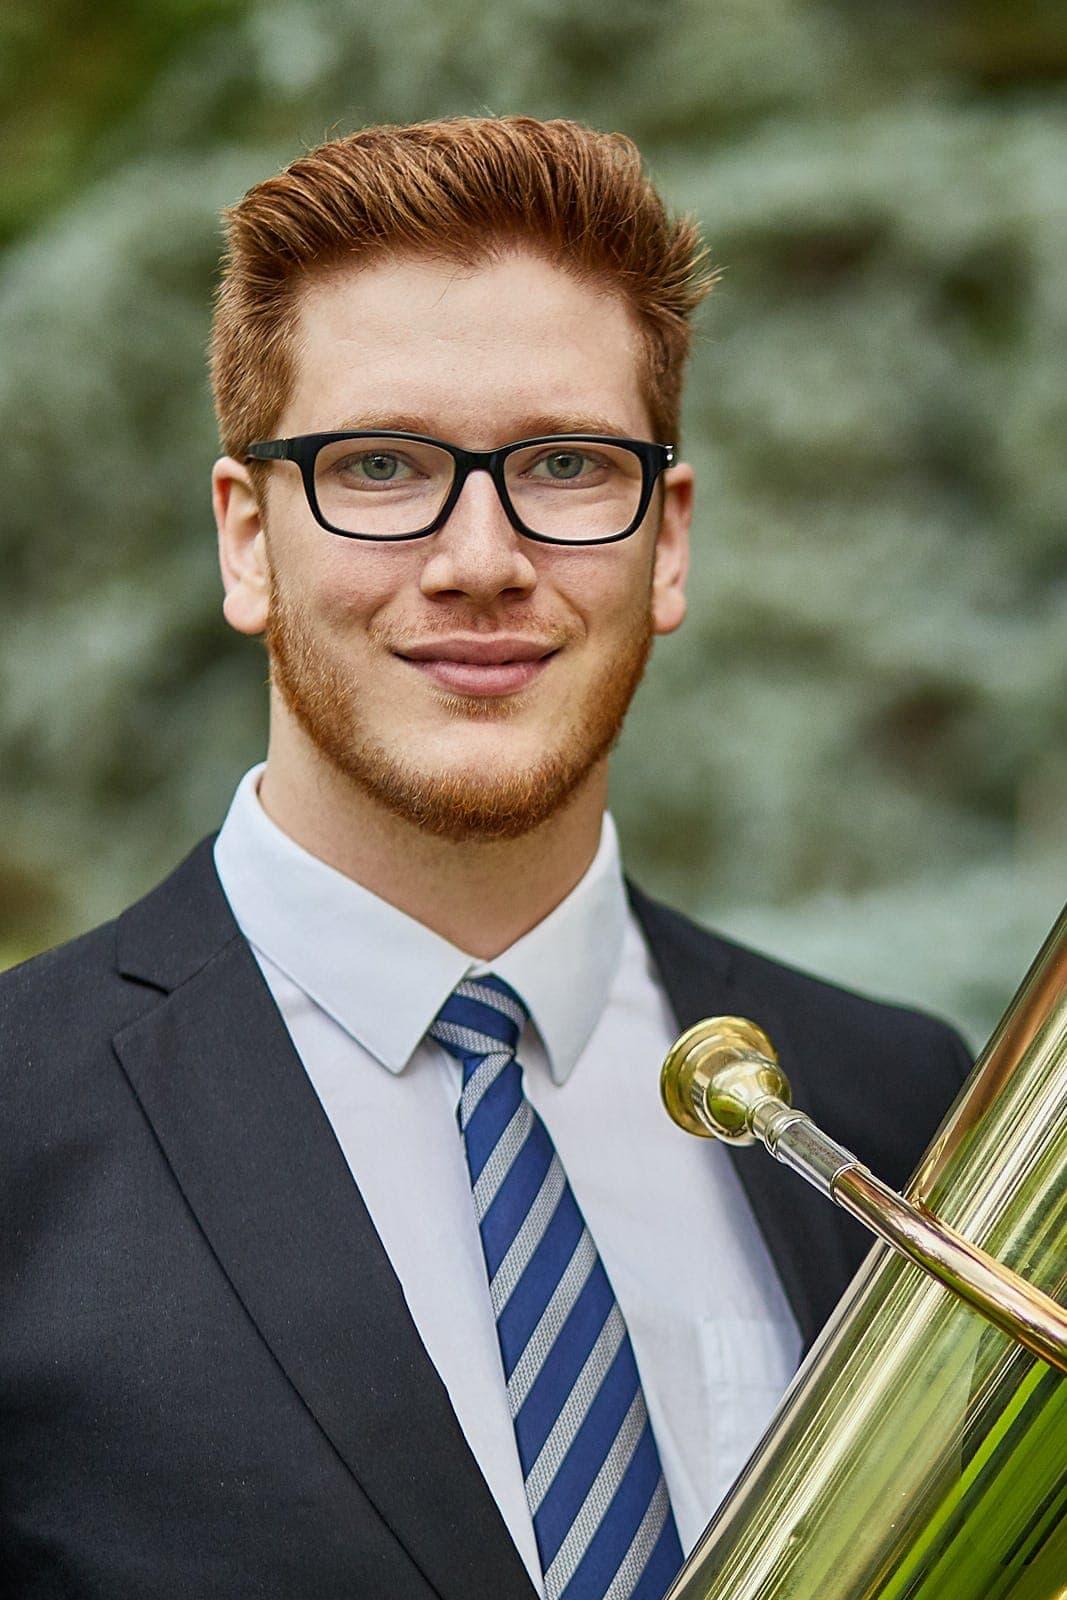 Constantin Hartwig